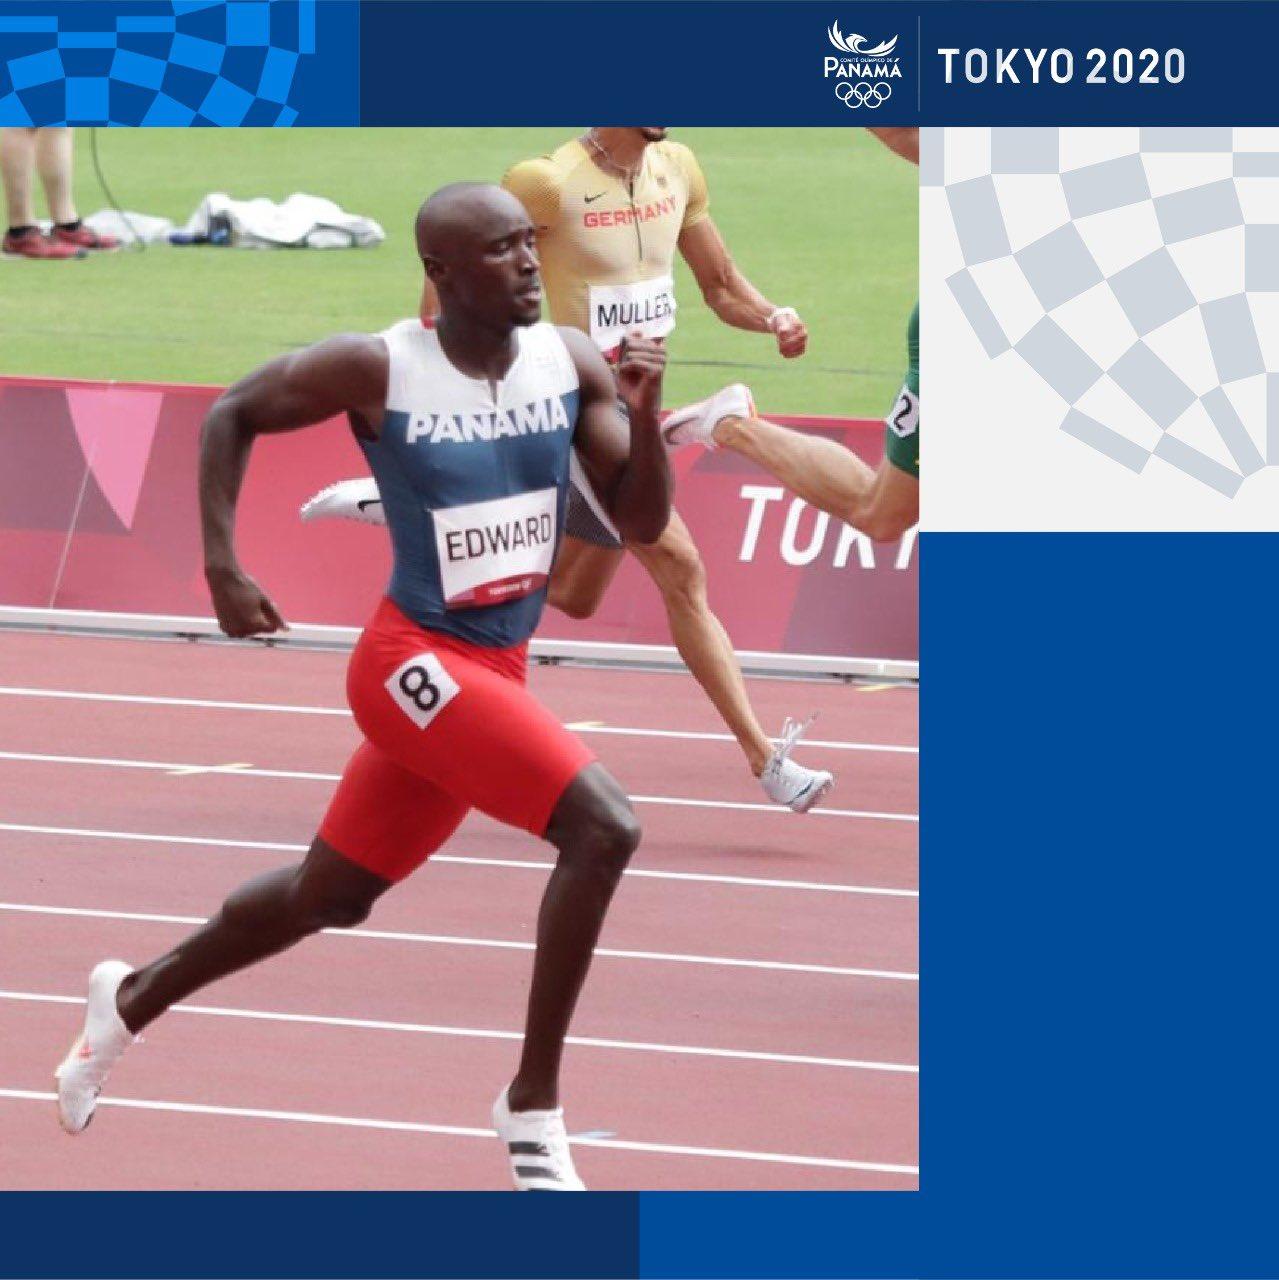 Alonso Edwards compitiendo en los juegos olímpicos celebrados en Tokyo en el 2021